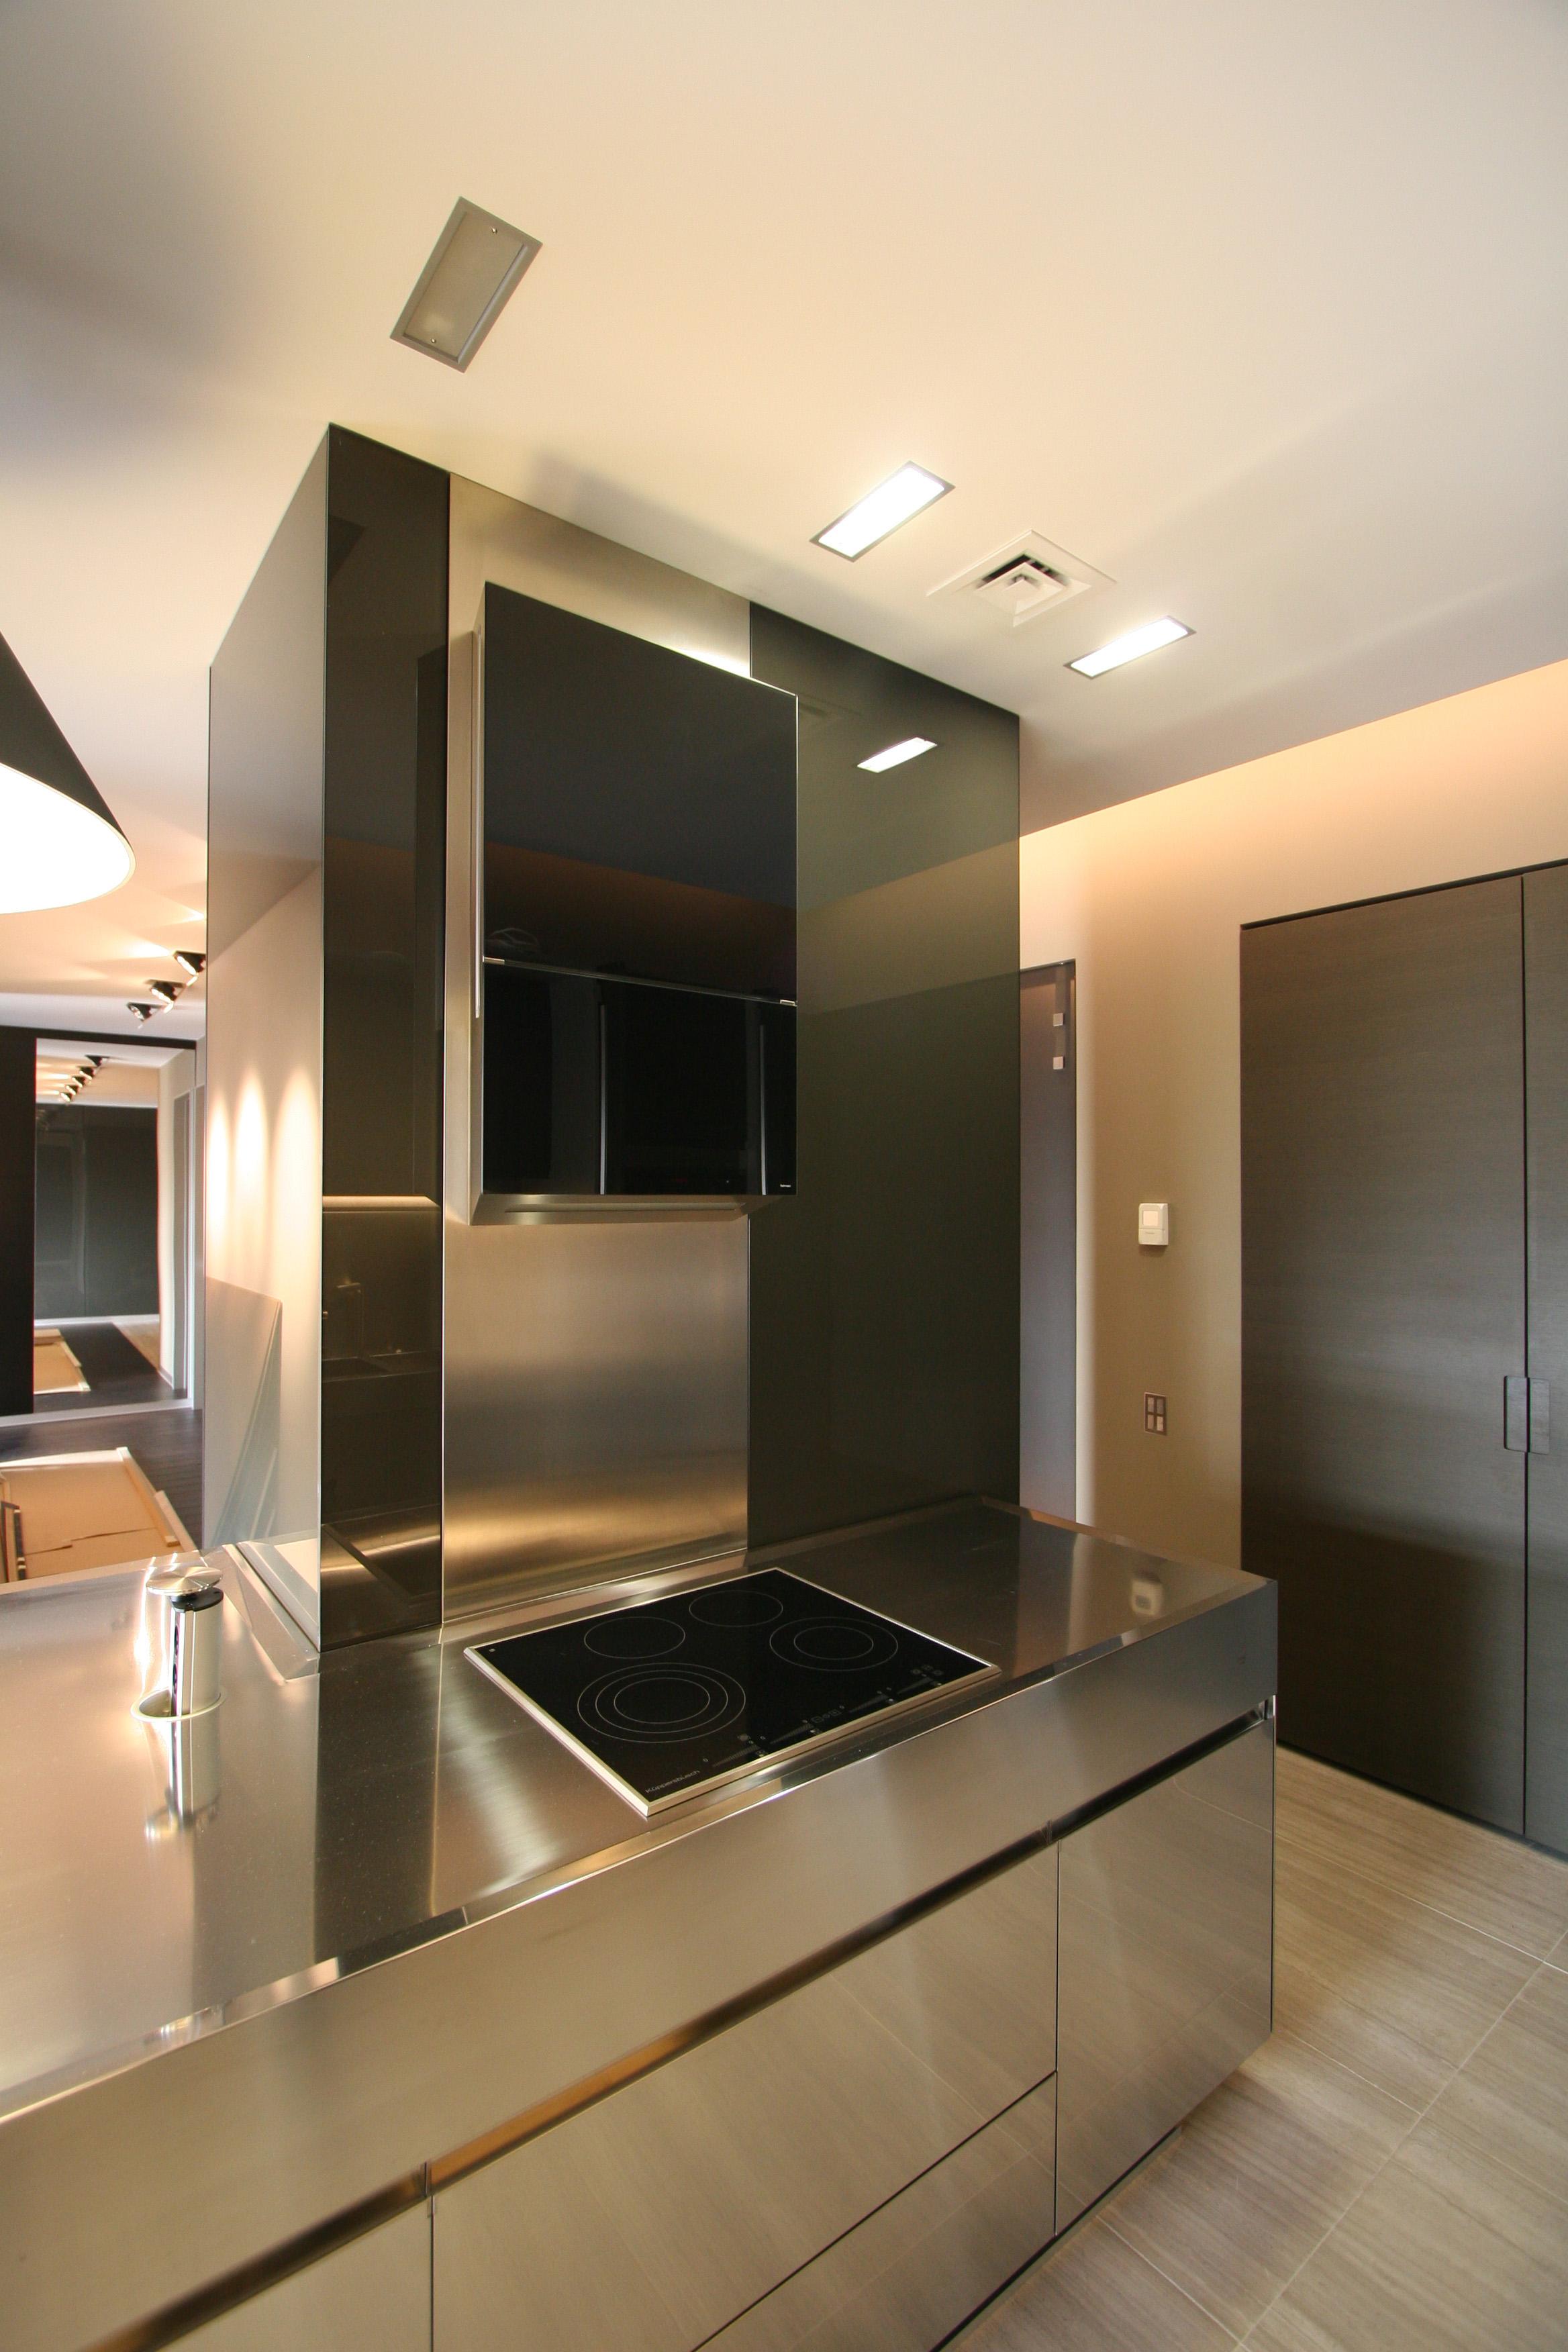 Кухня варочная панель и вытяжка